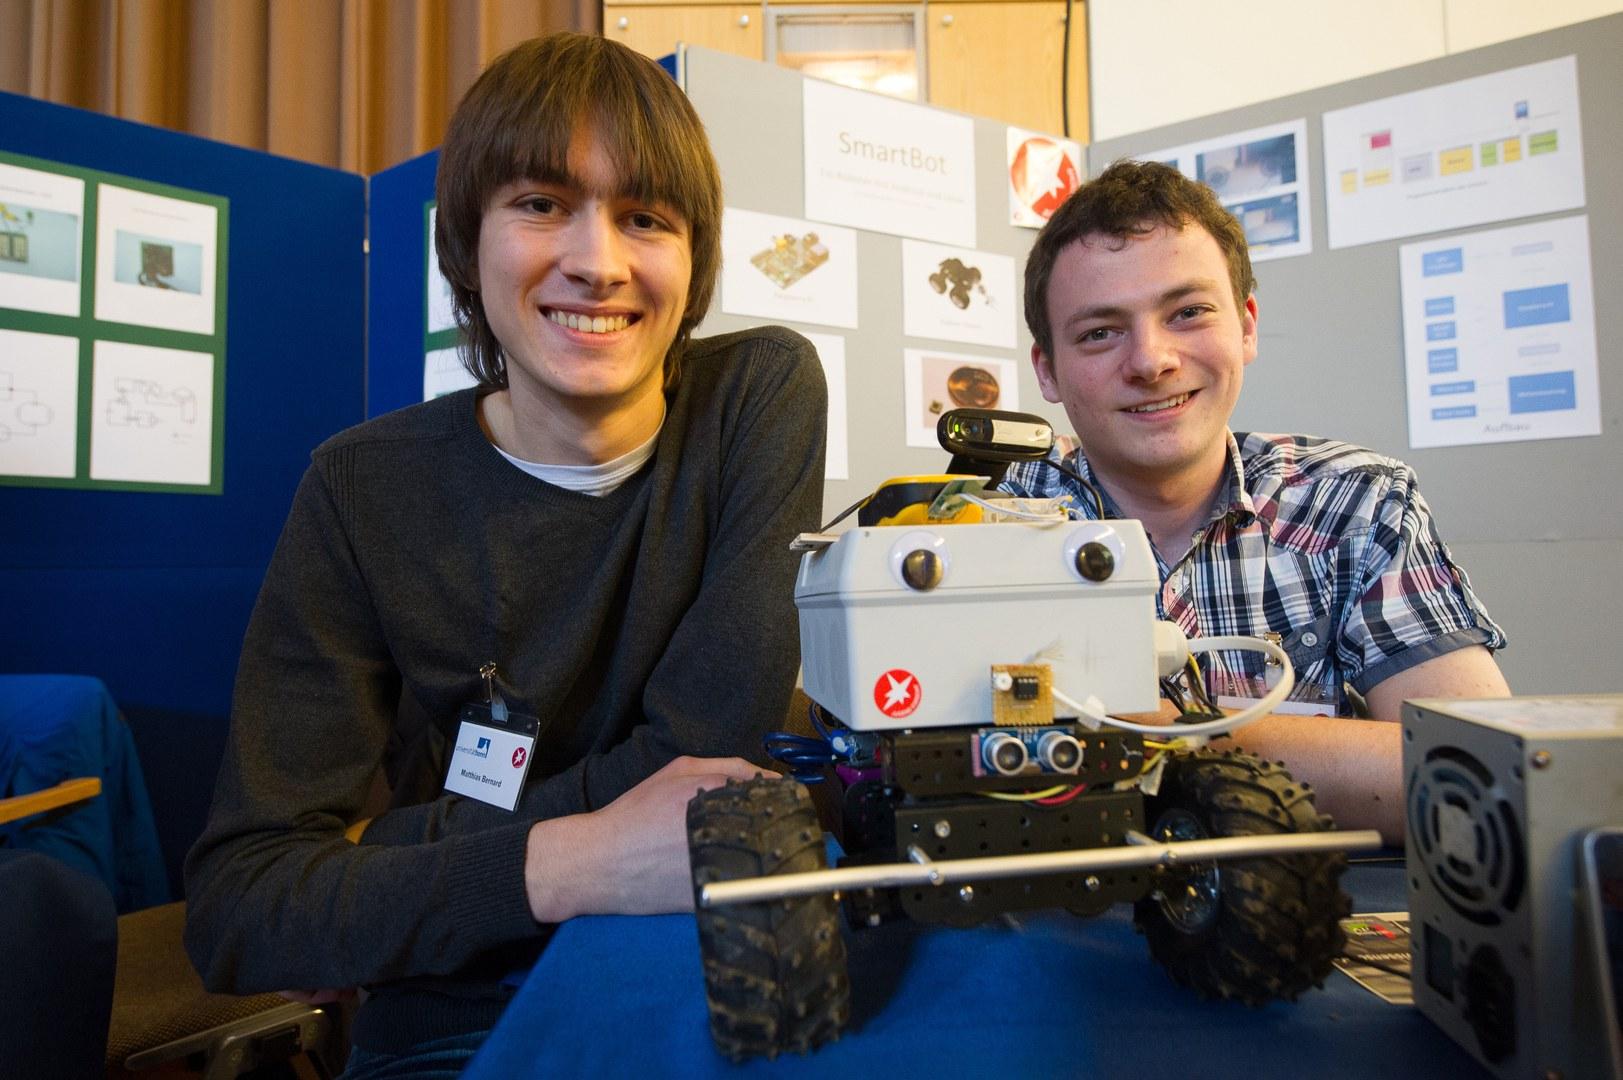 Ein per Smartphone steuerbarer Roboter